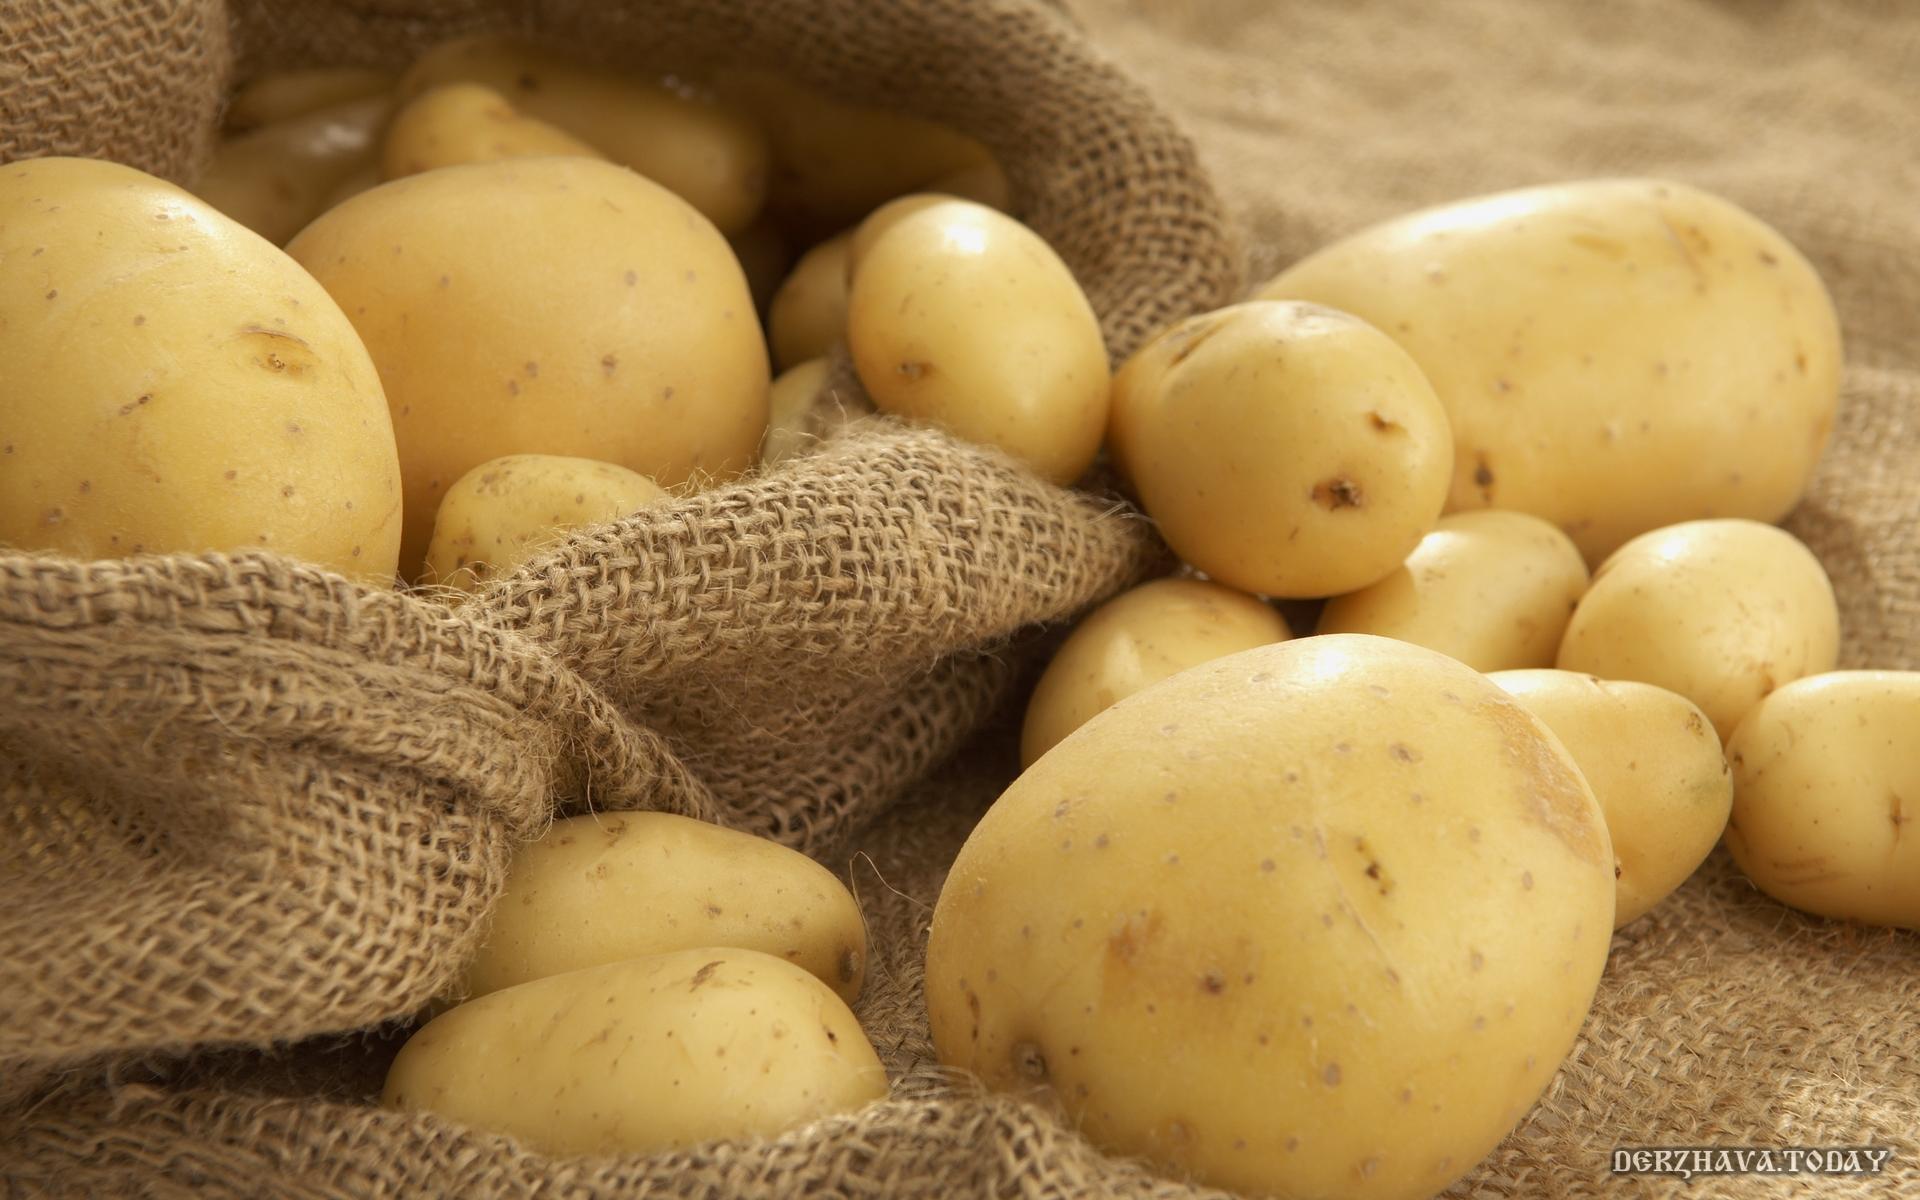 Картофель. Информация к размышлению